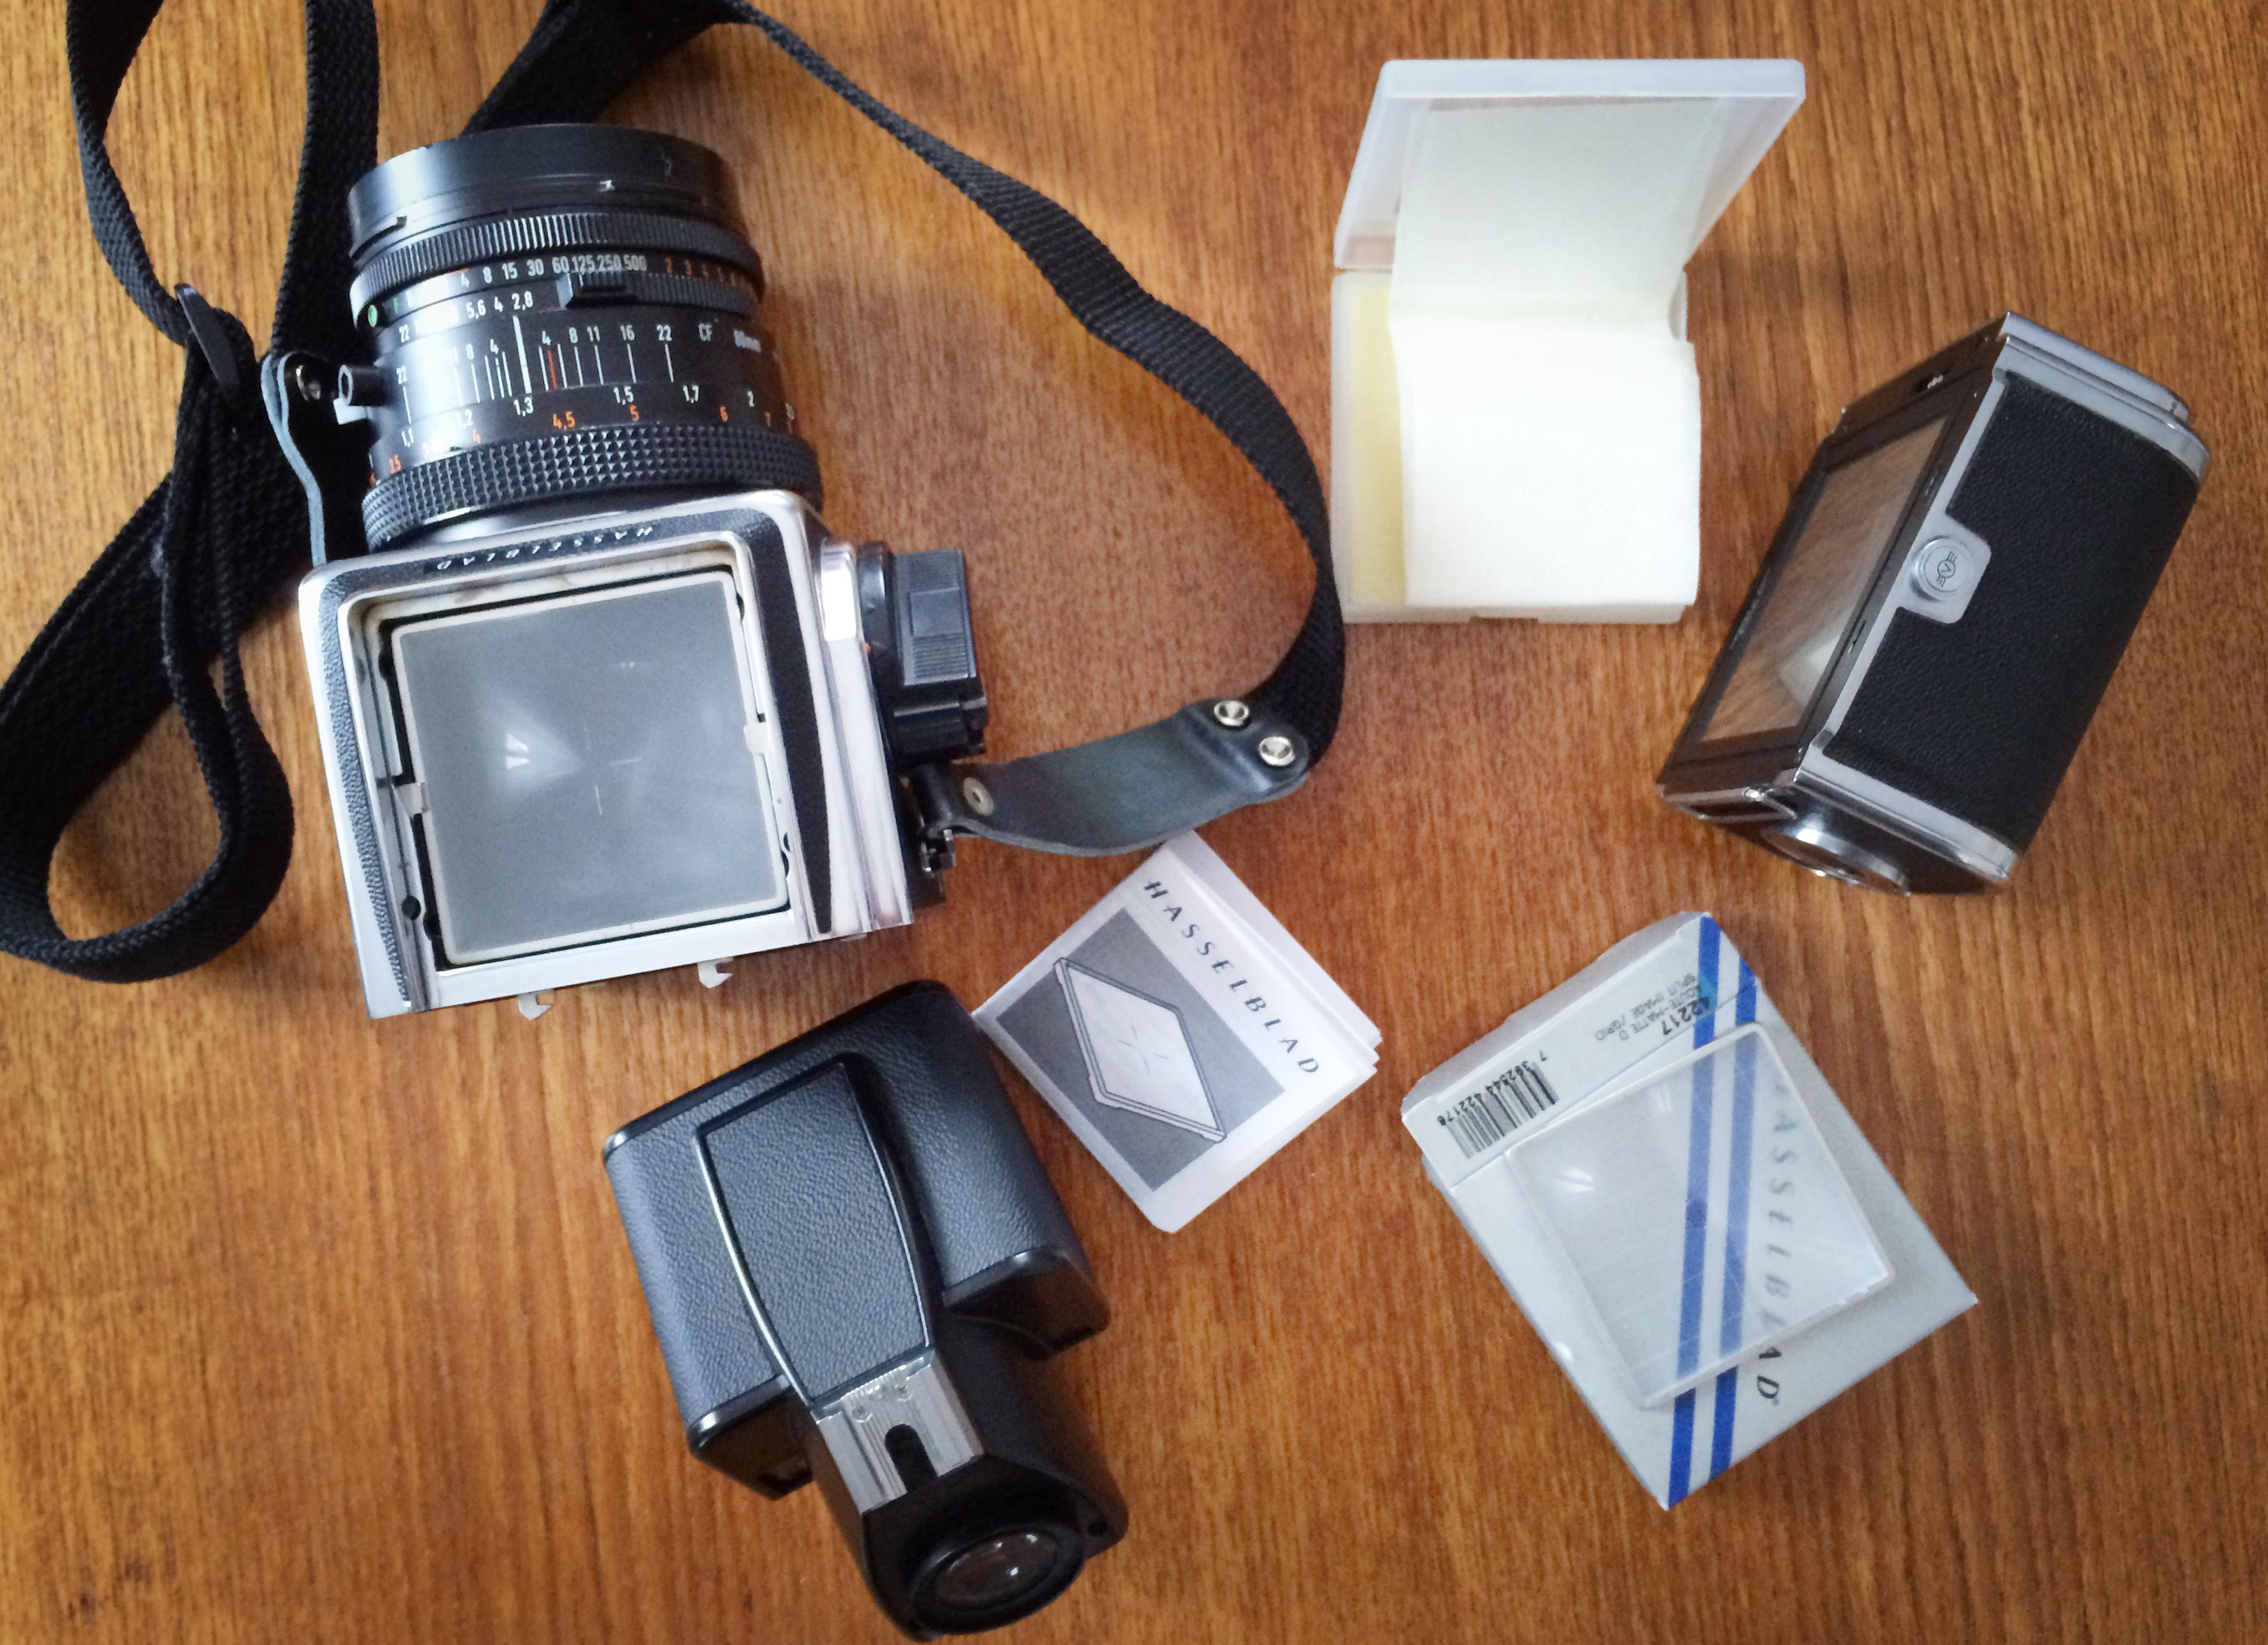 Hasselblad är verkligen lätt att arbeta med. Med enkla grepp och utan redskap plockar man isär kameran.